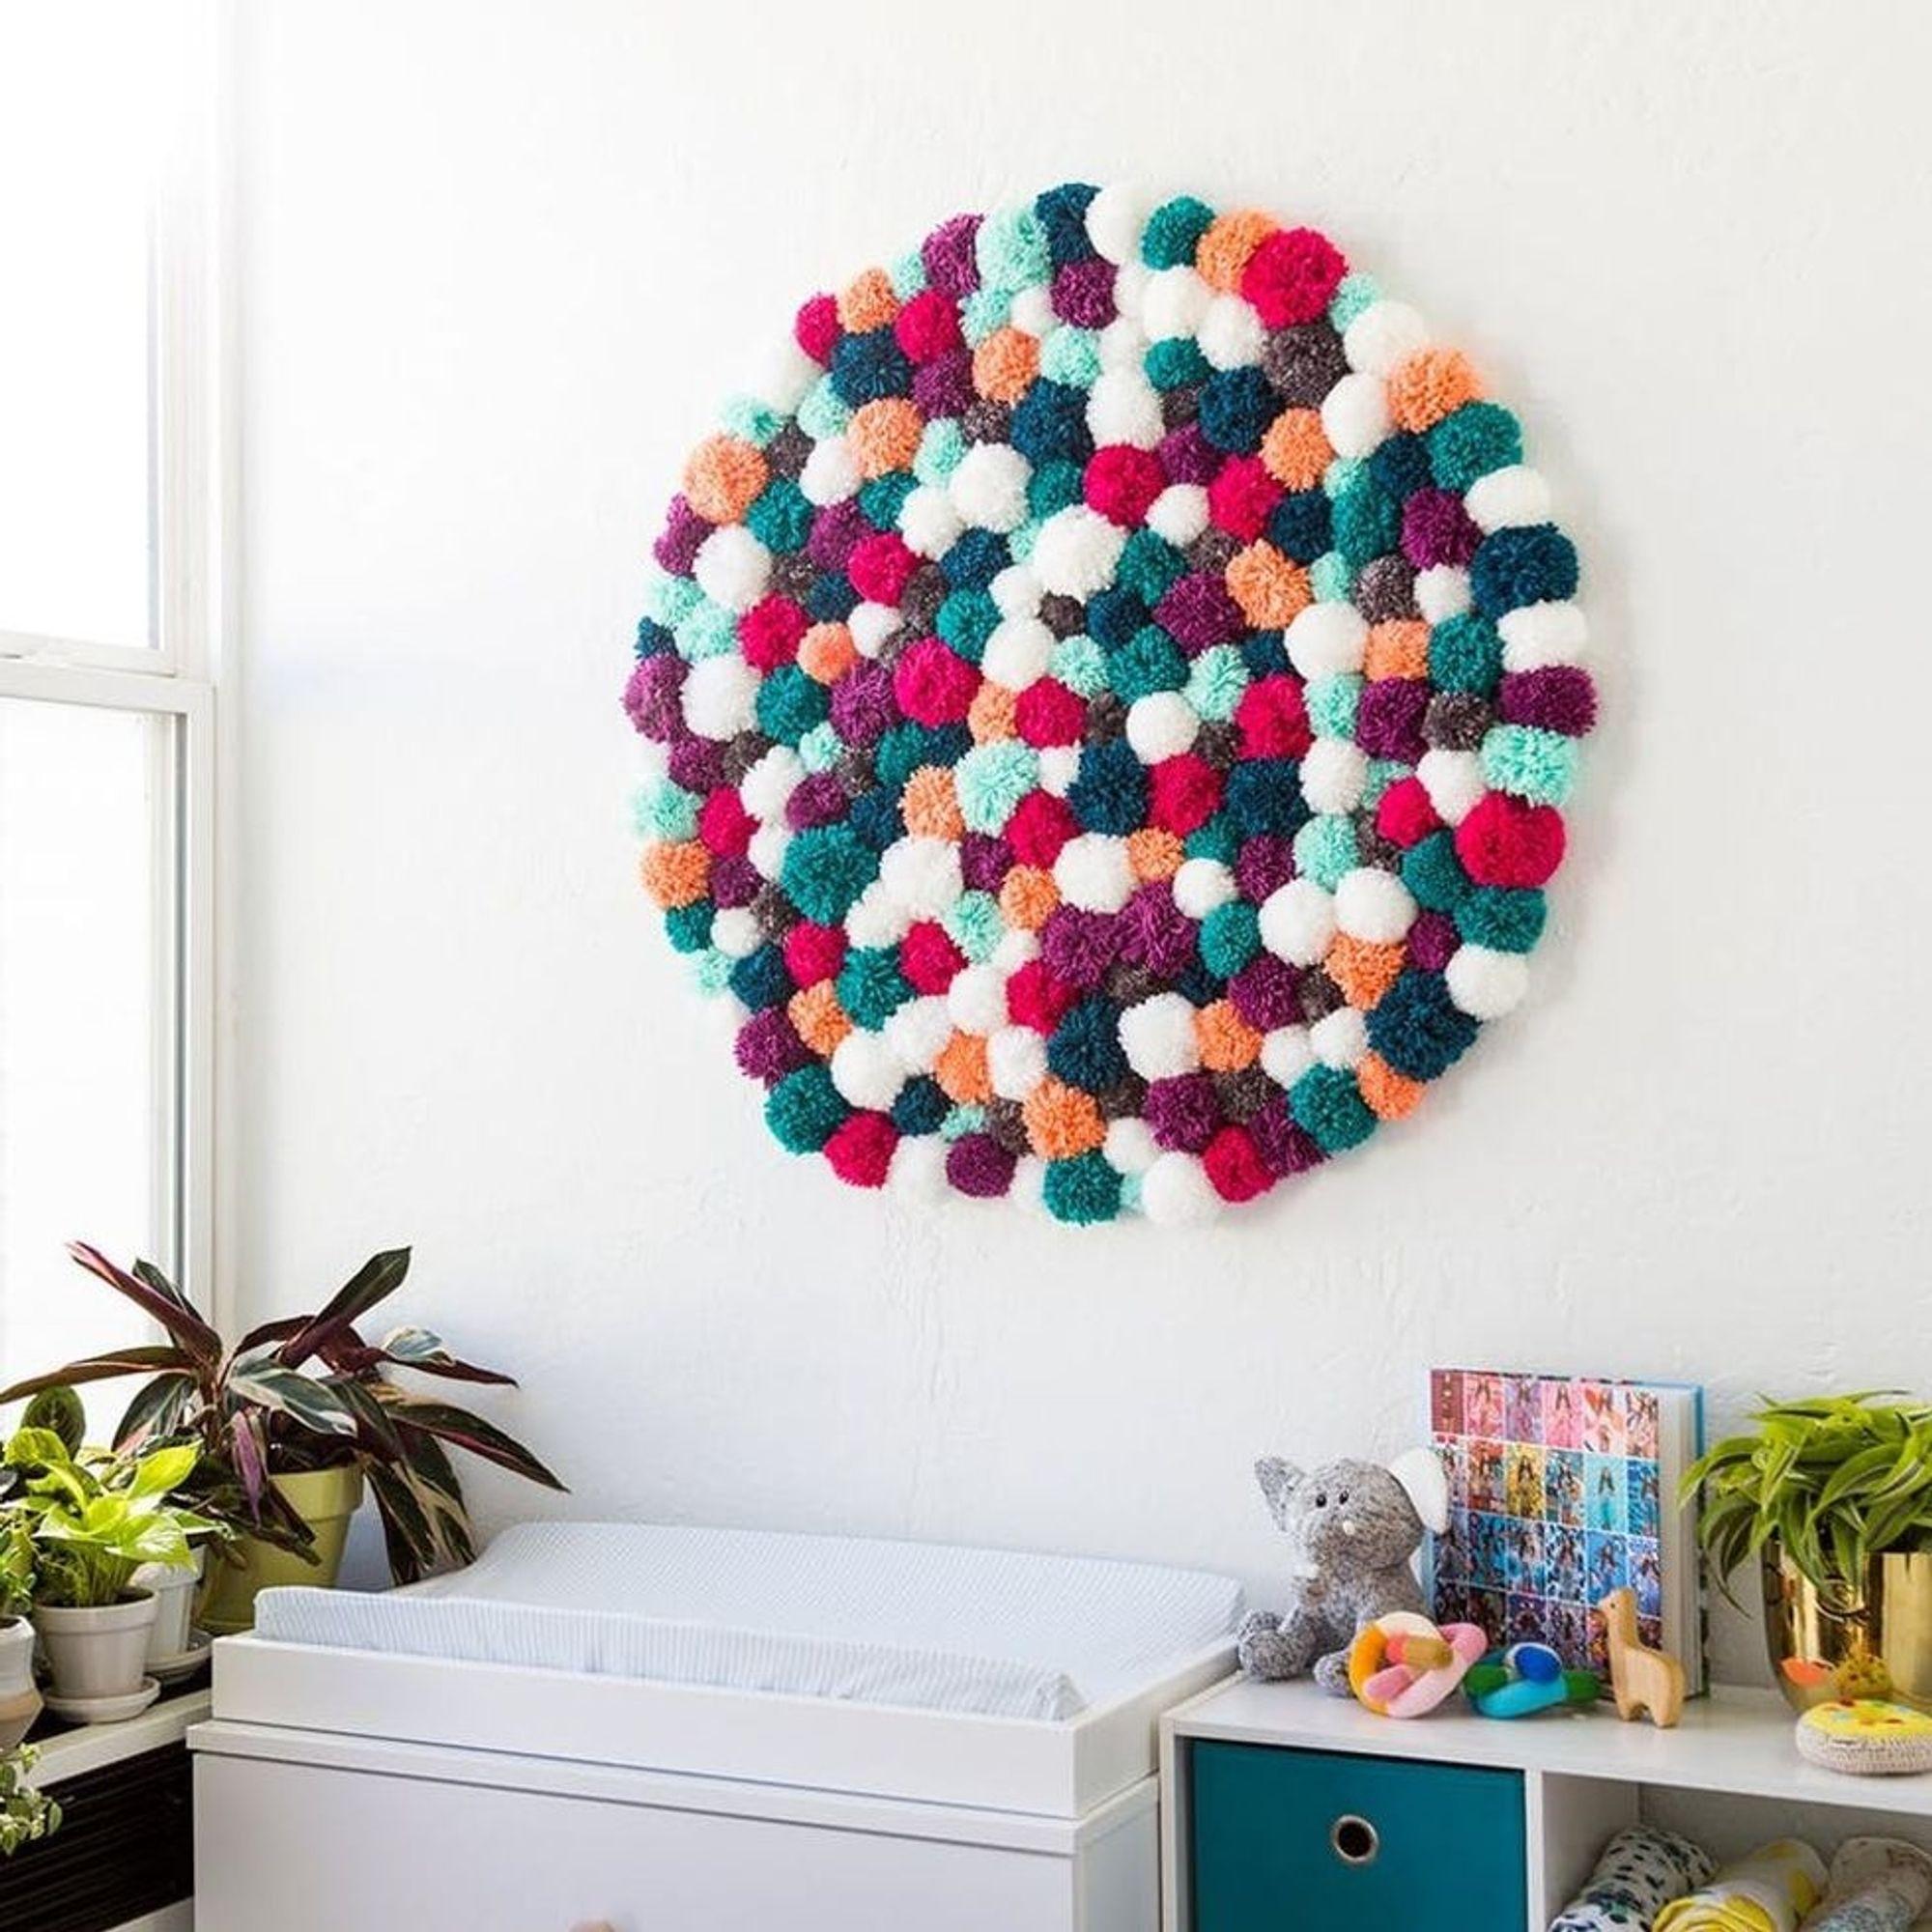 31 Ways to DIY a Dreamy Baby Room